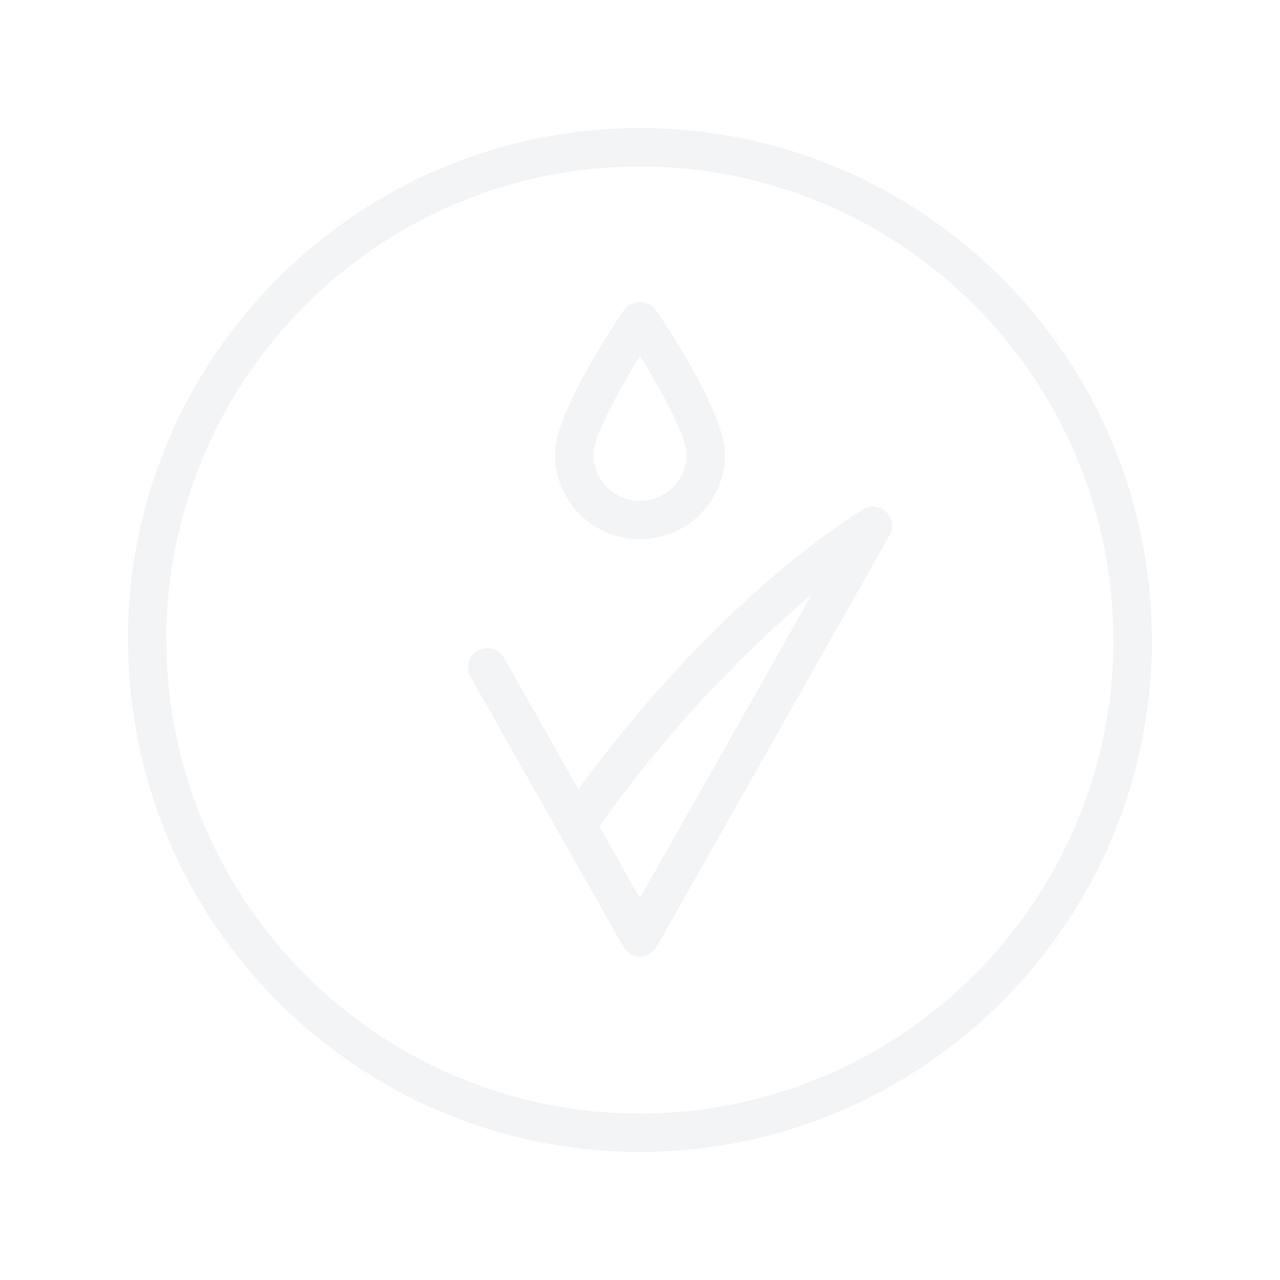 JANE IREDALE GreatShape Eyebrow Kit 2.5g